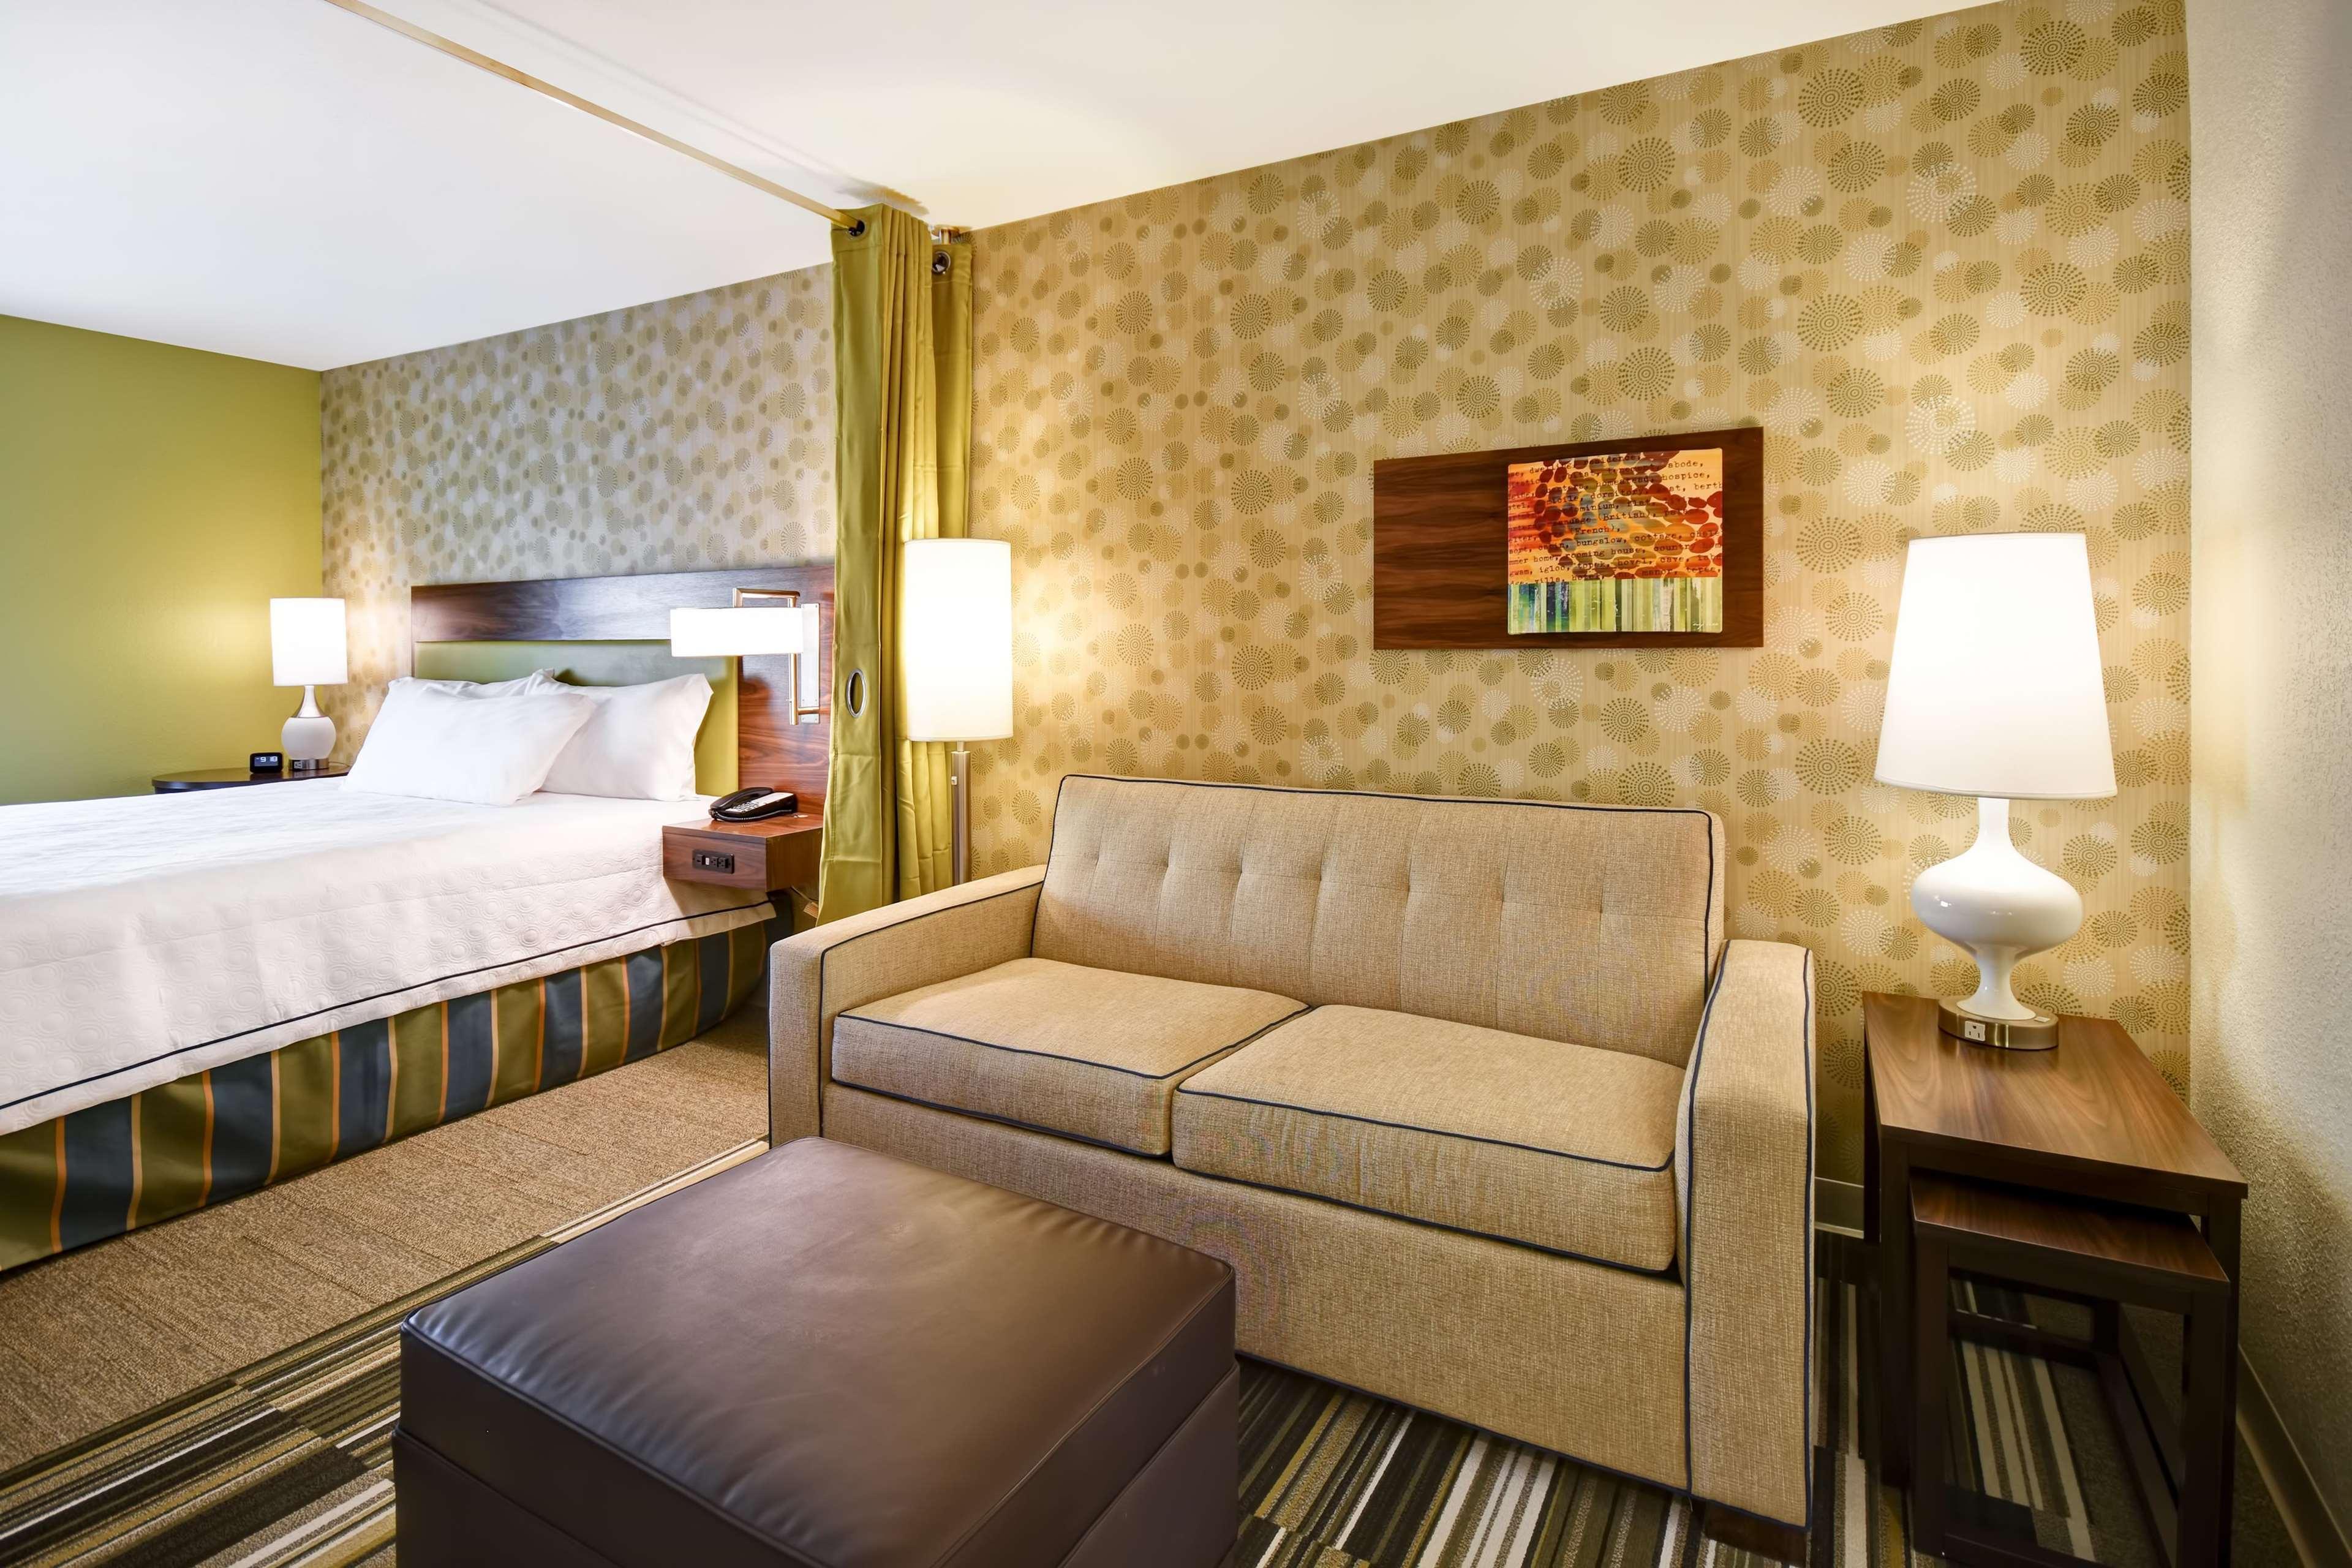 Home2 Suites by Hilton Smyrna Nashville image 39